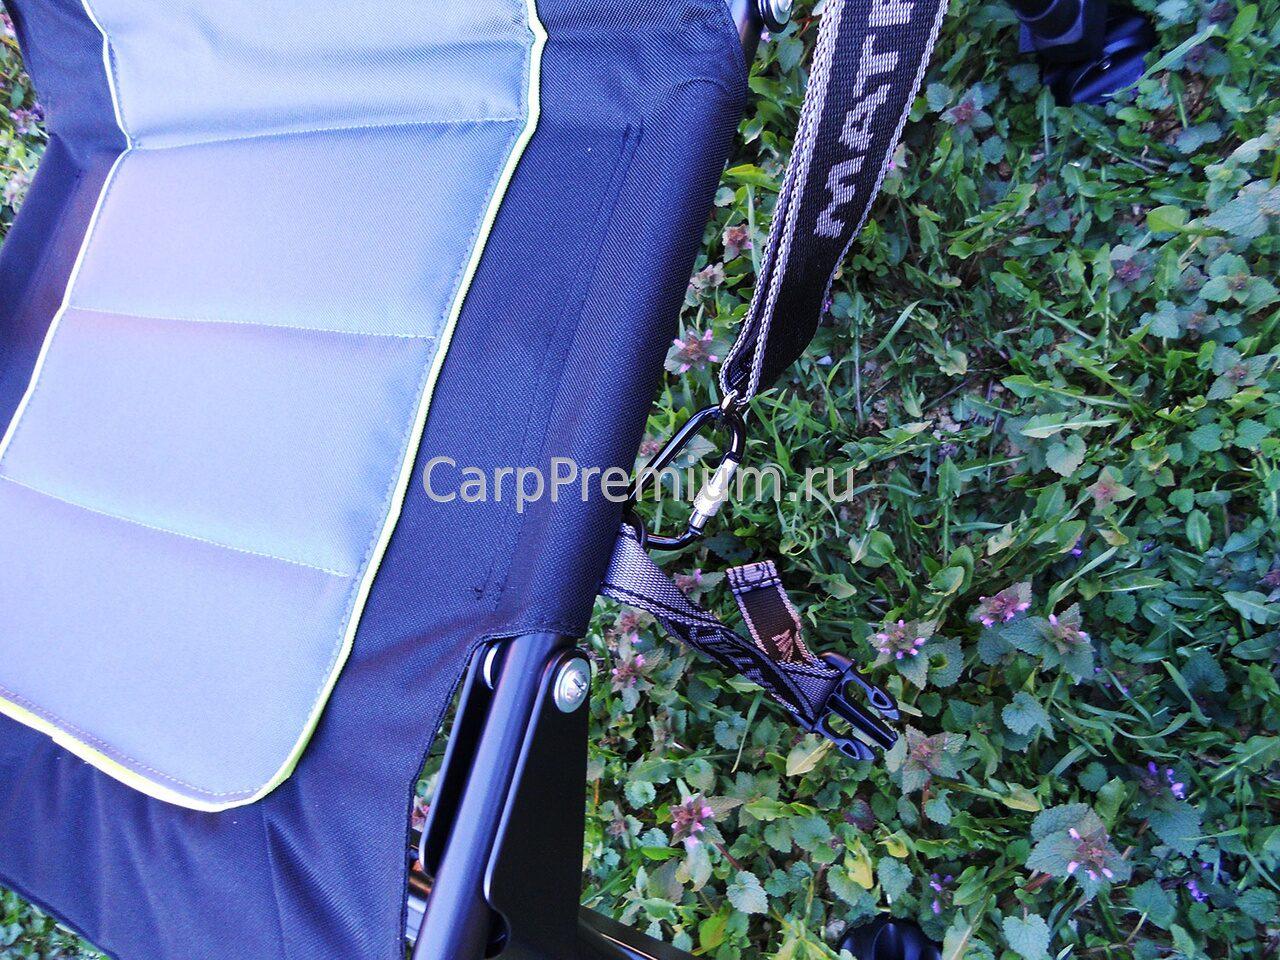 кресло фидерное matrix матрикс feeder accessory chair купить